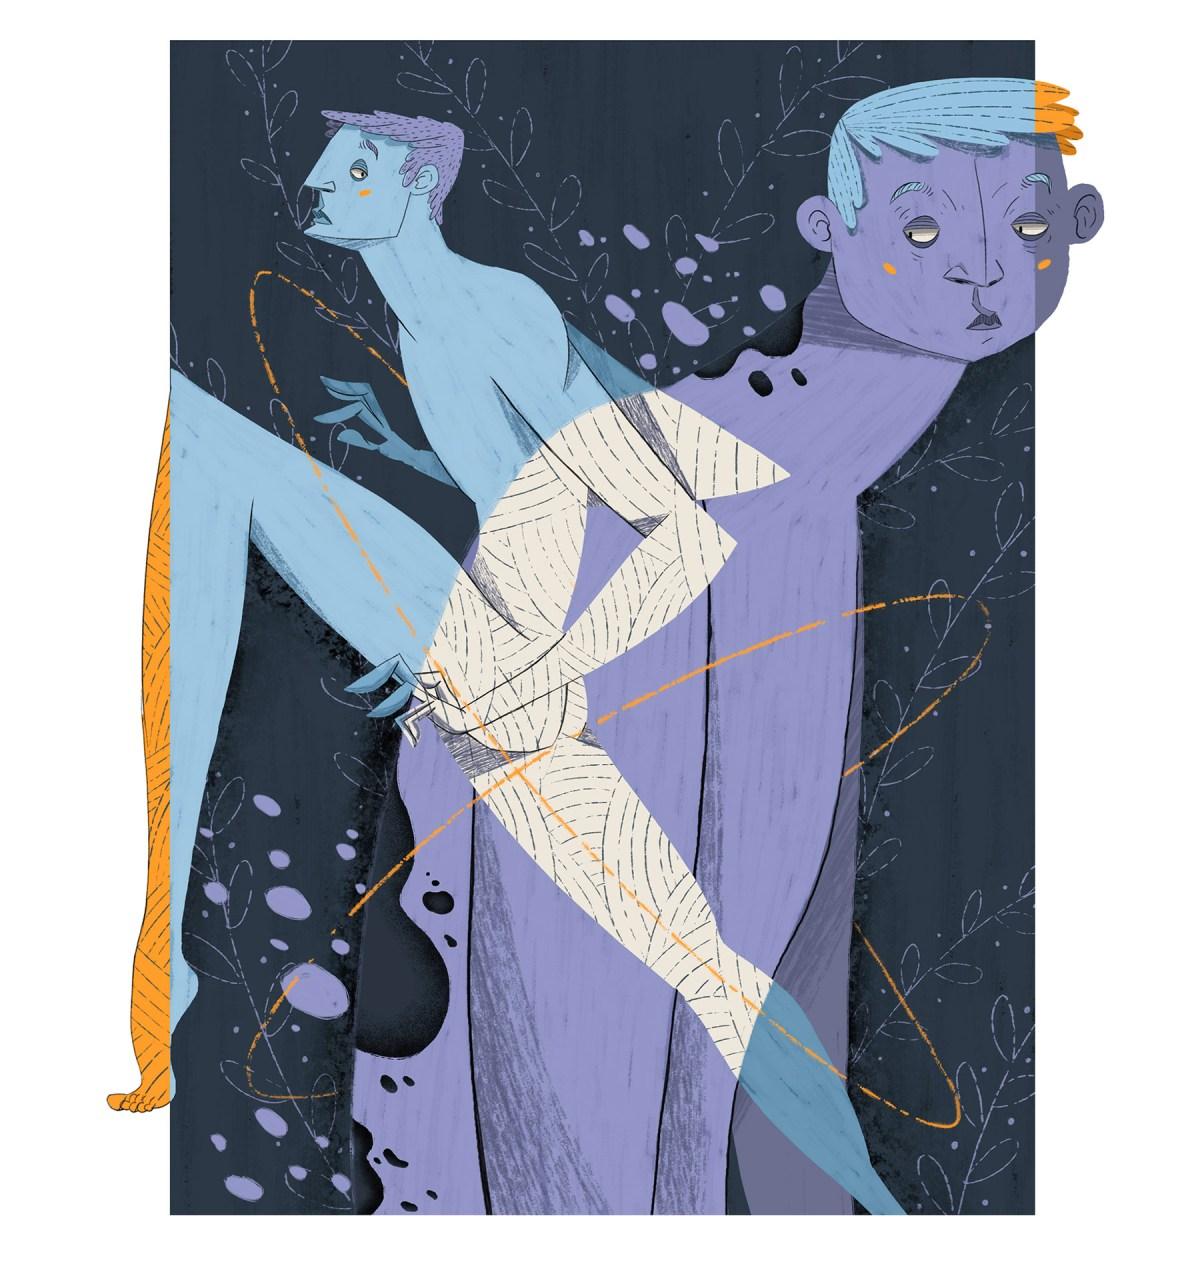 illustration-mete-kaplan-eker-04